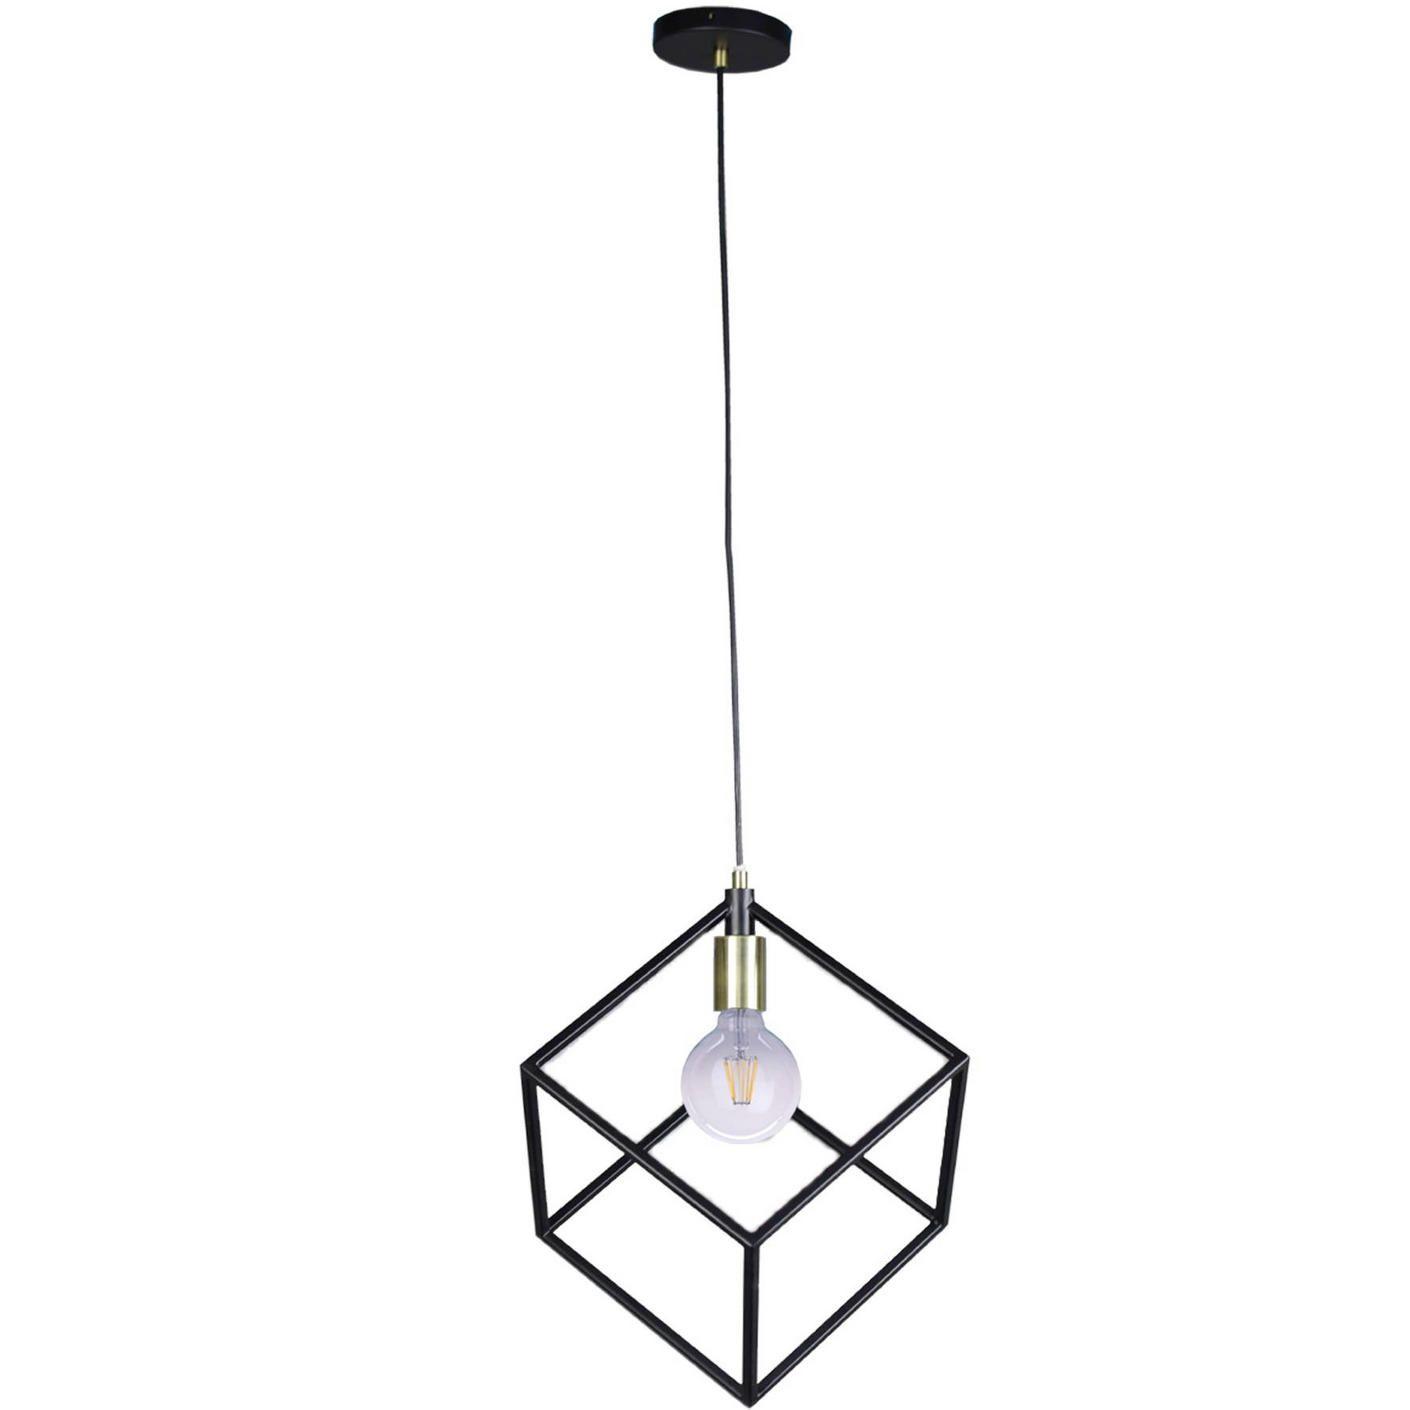 Schwarz Hangelampe Hangeleuchte Hangeleuchte Lampen Und Leuchten Wurfeldesign